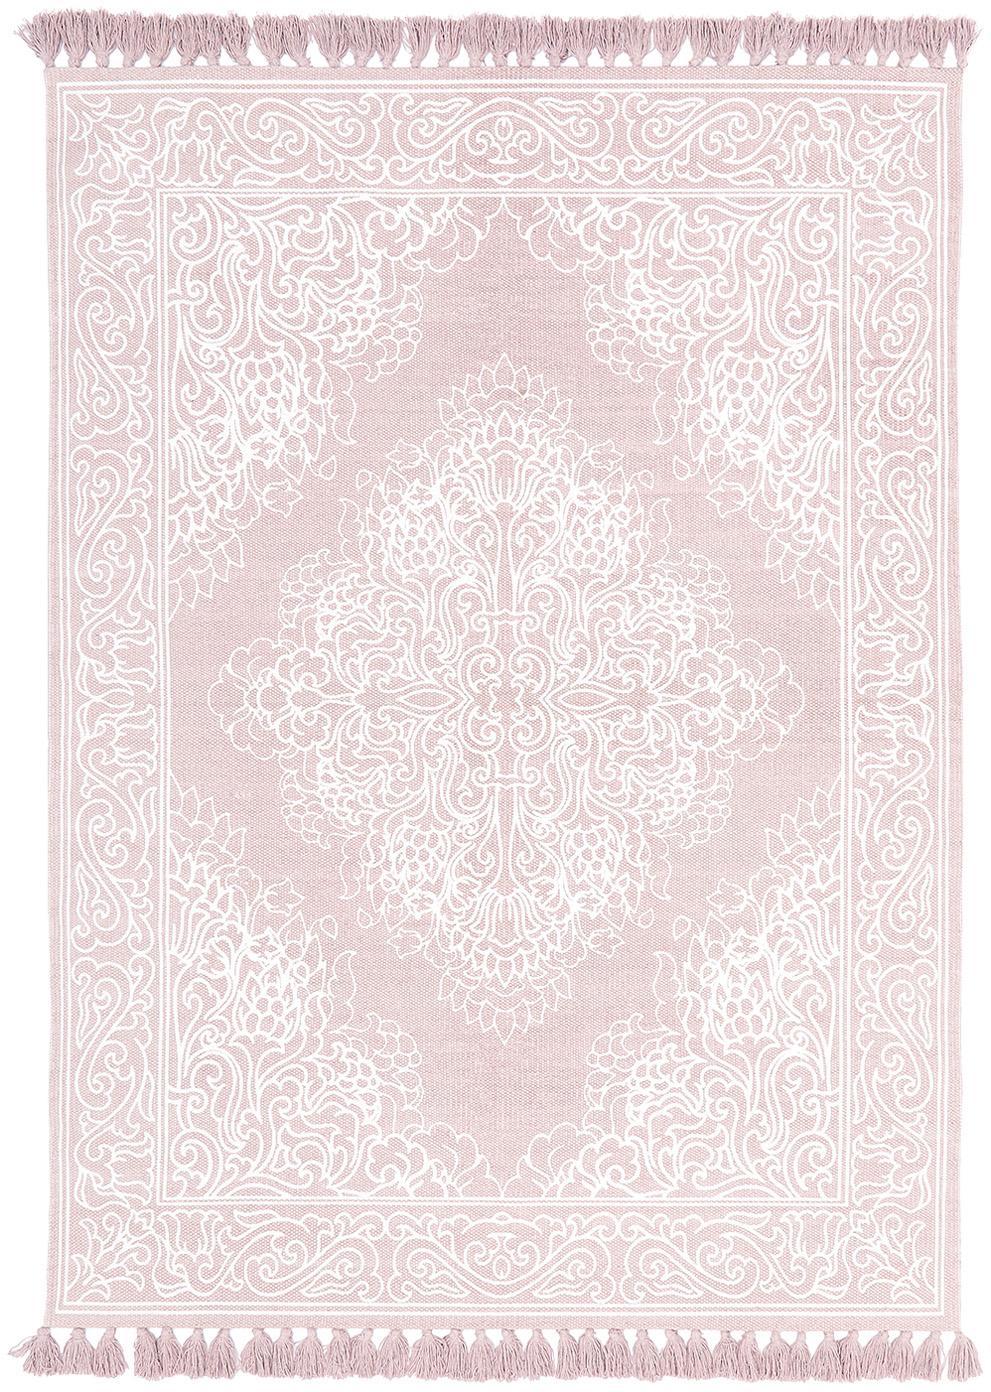 Tappeto in cotone tessuto a mano Salima, Cotone, Rosa, bianco crema, Larg. 120 x Lung. 180 cm (taglia S)